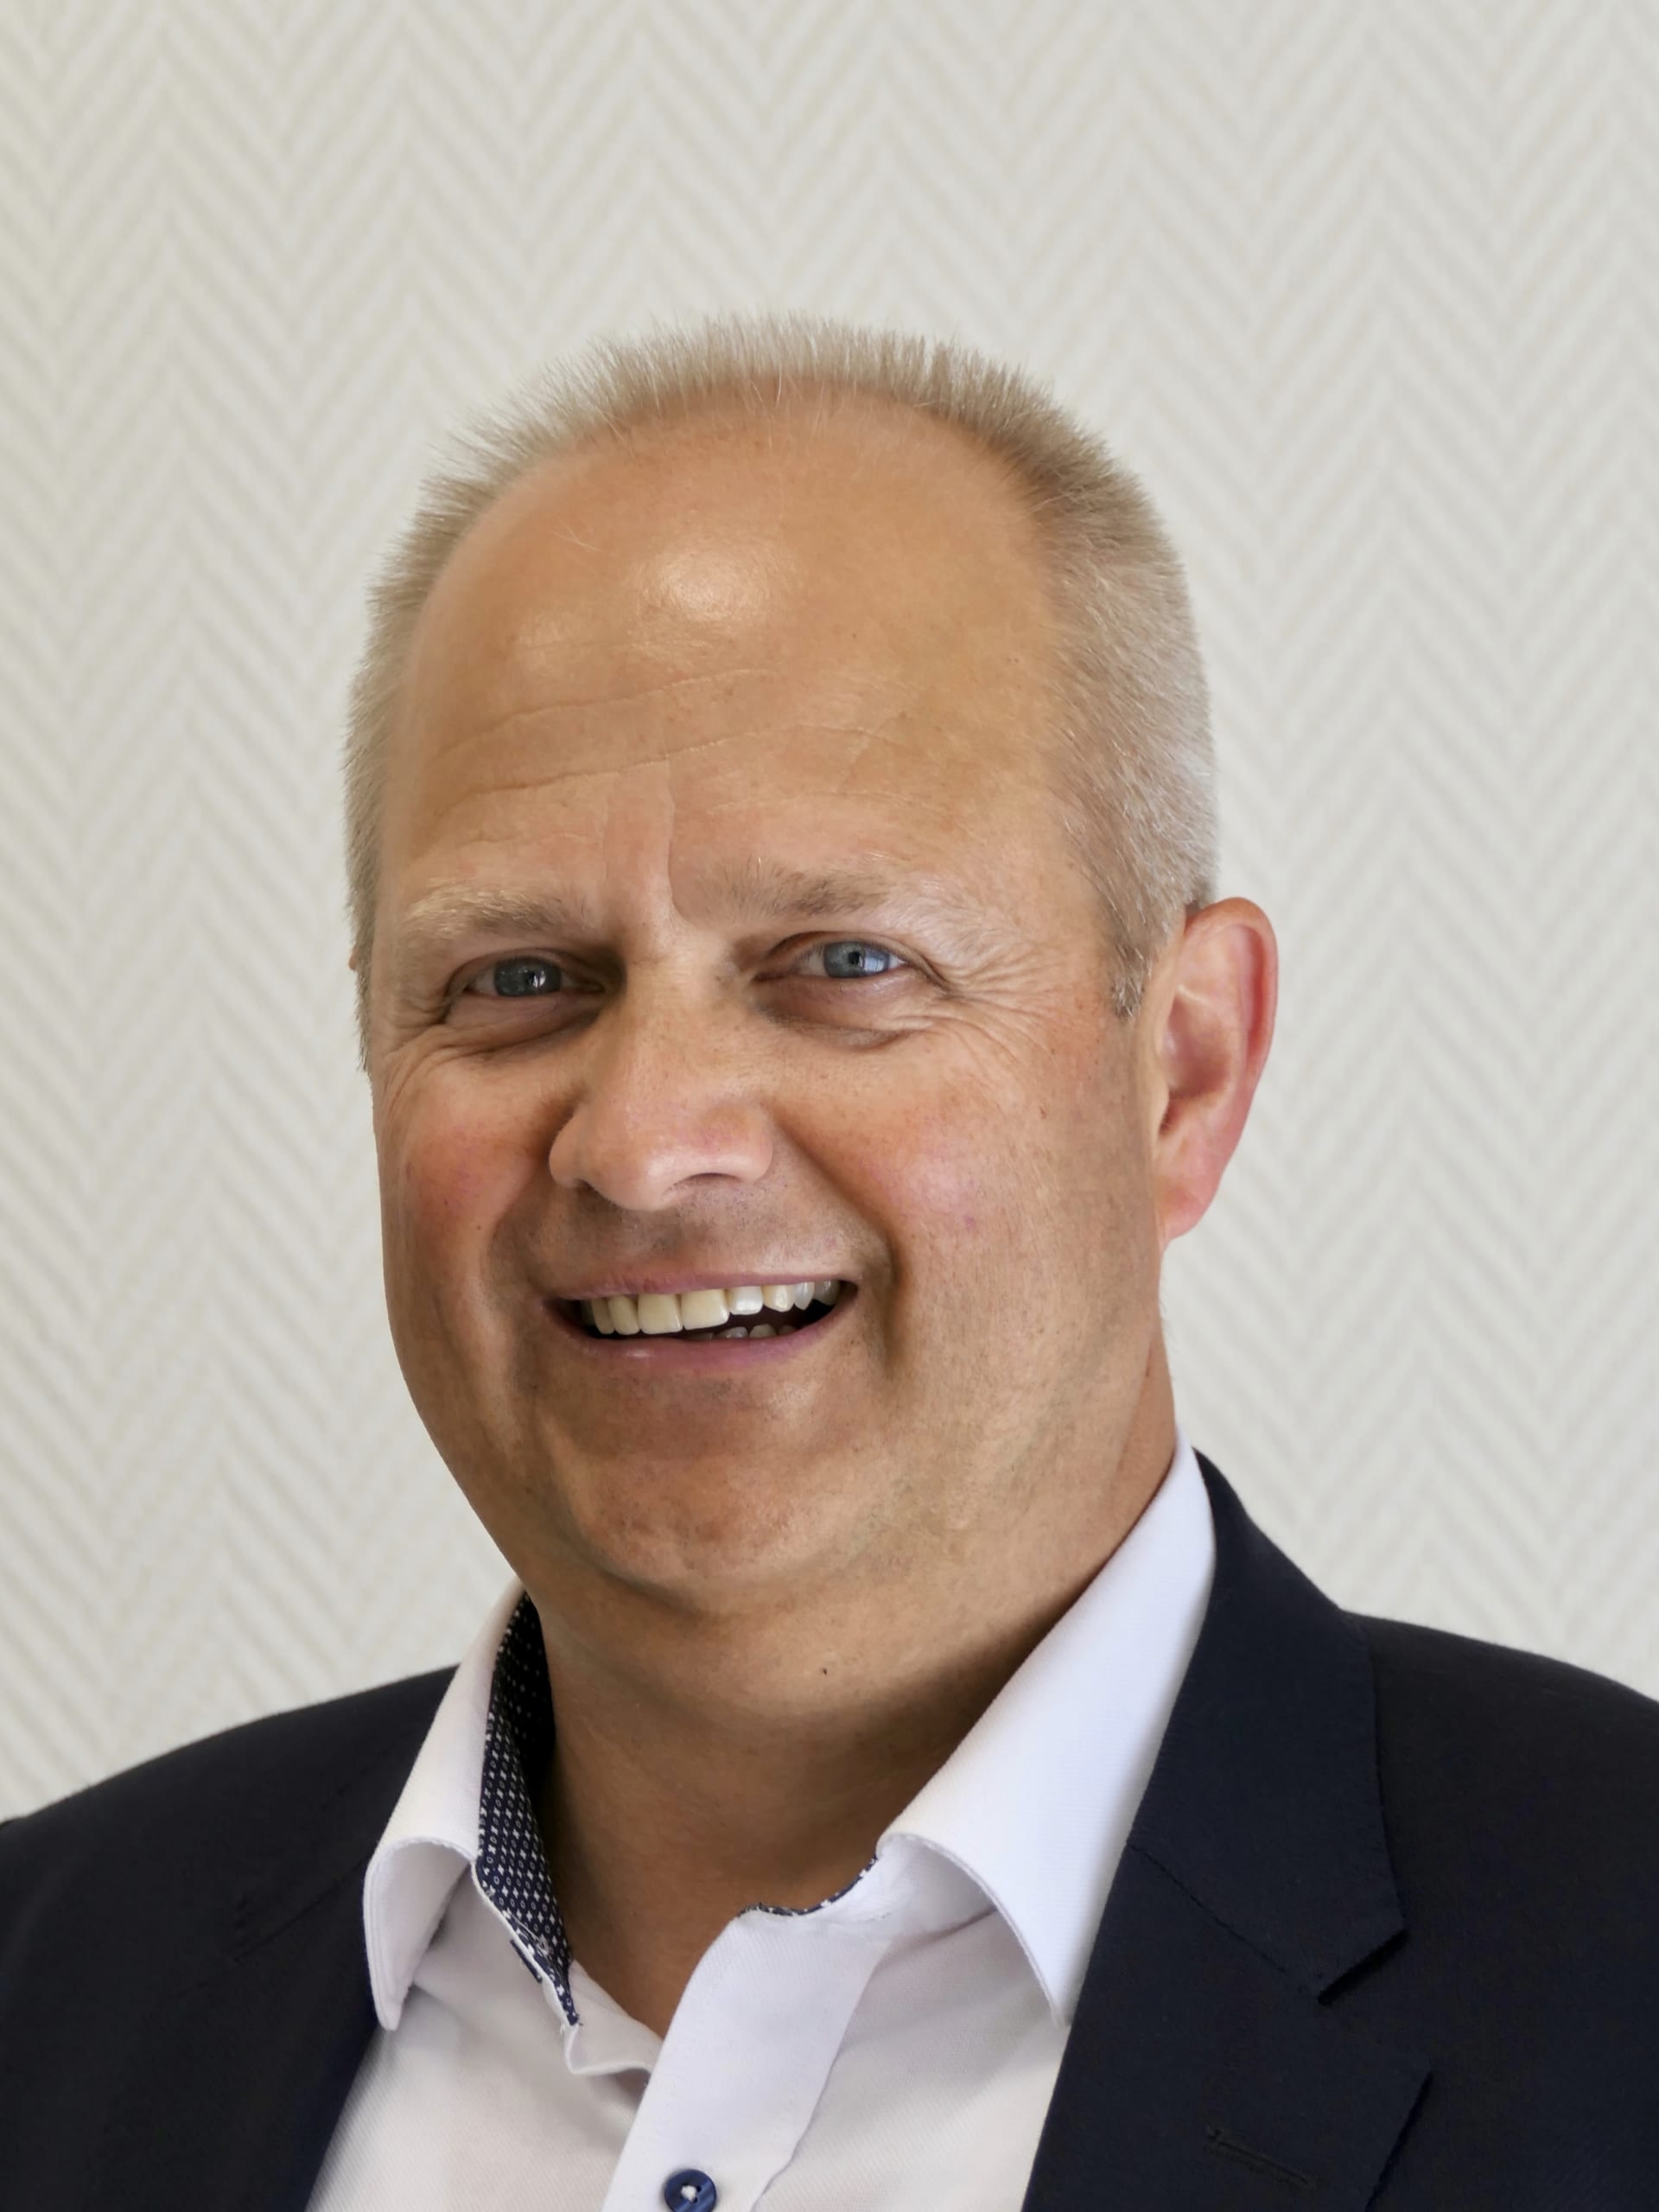 Markus Kahr